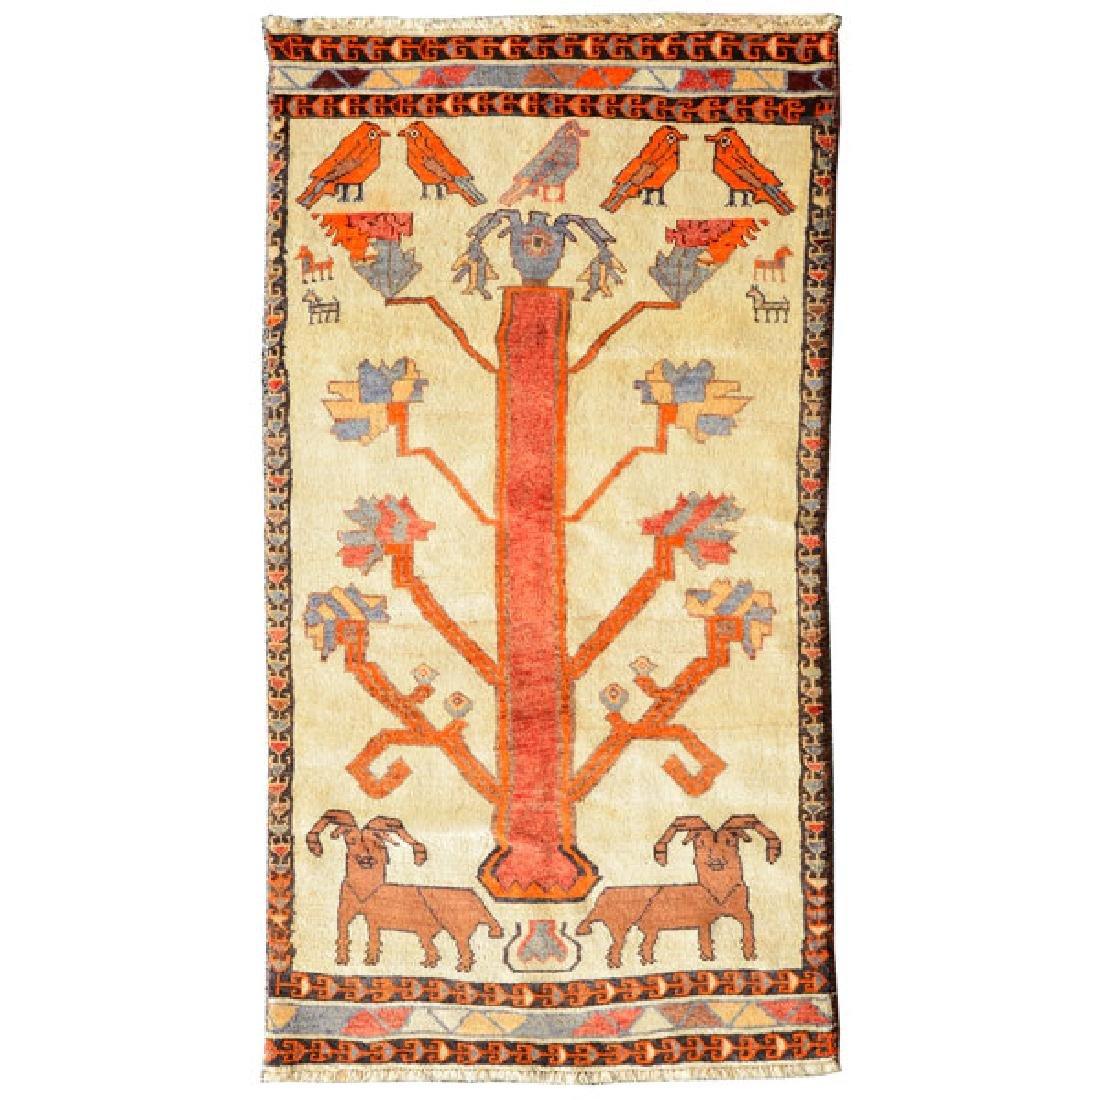 Qashaqai Rug: 3 feet 8 inches x 8 feet 4 inches